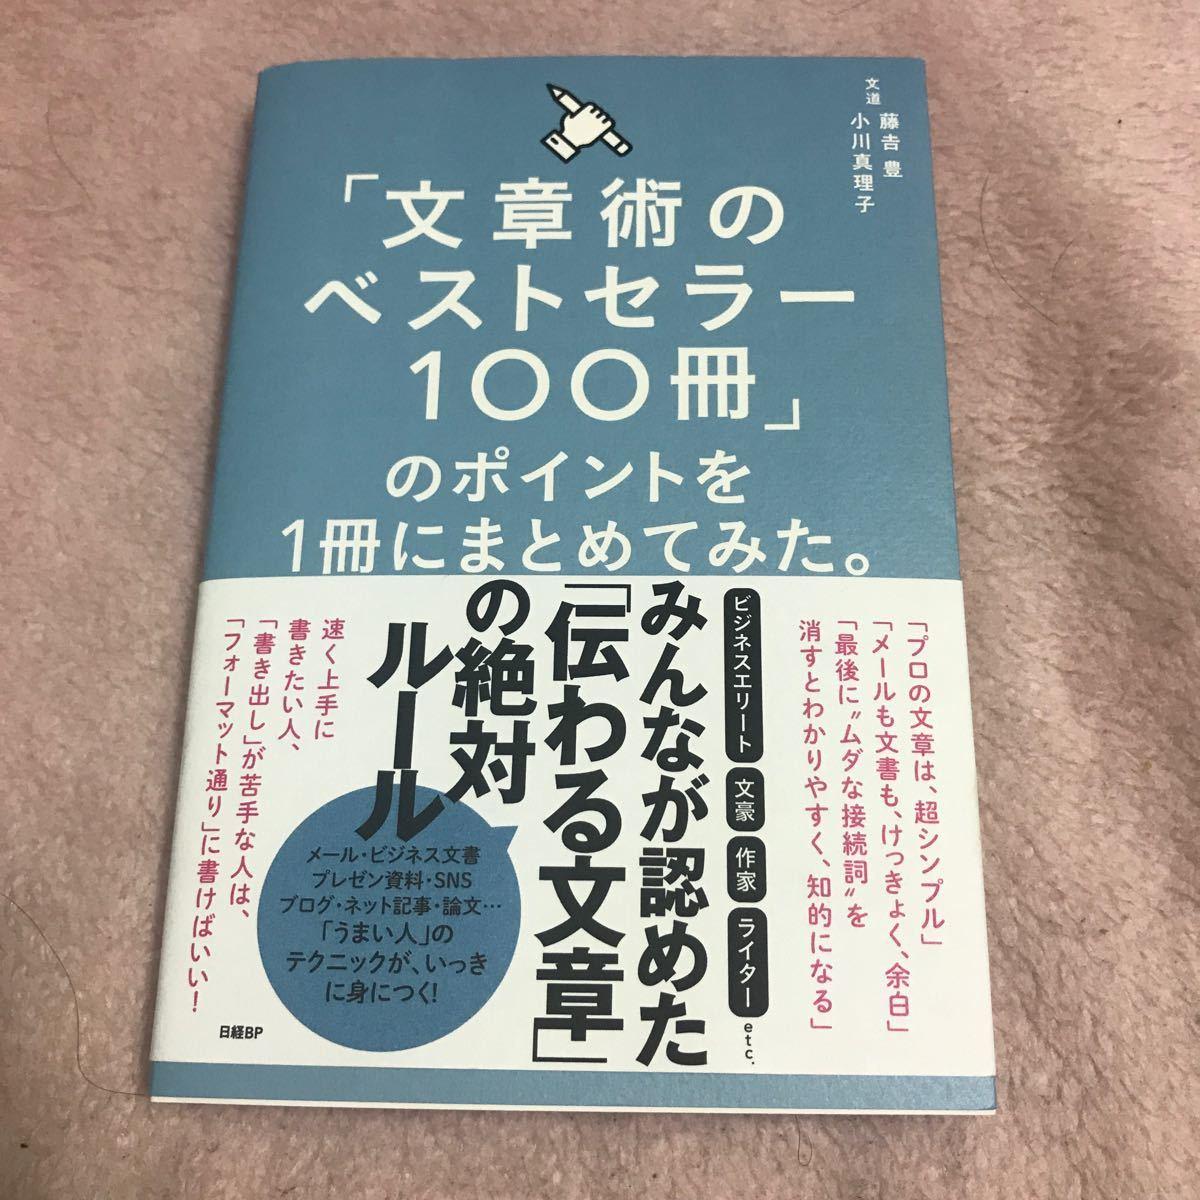 「文章術のベストセラー100冊」 のポイントを1冊にまとめてみた。 /藤吉豊/小川真理子